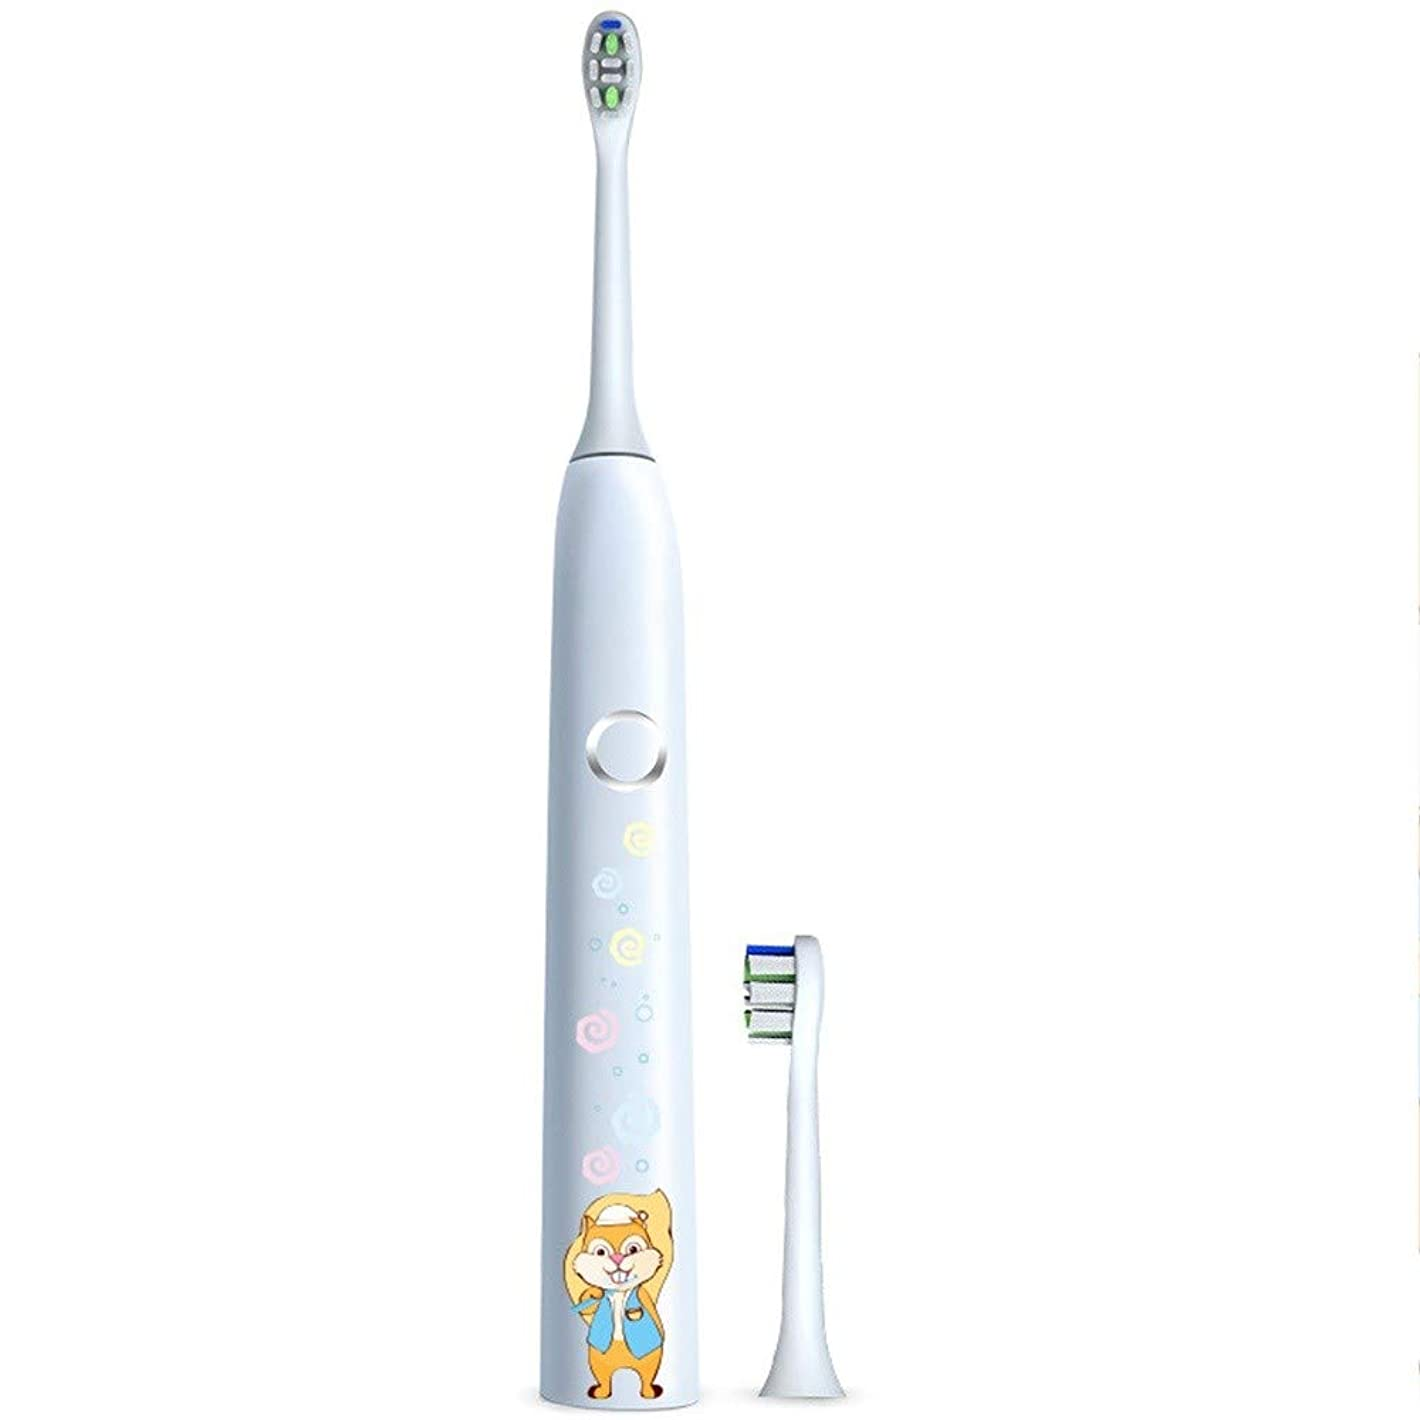 急勾配のバズ二十子供用電動歯ブラシ 電動歯ブラシ 電動歯ブラシ 歯ブラシ 歯ブラシ 充電式歯ブラシ 充電式歯ブラシ 子供の電動歯ブラシ YD-16